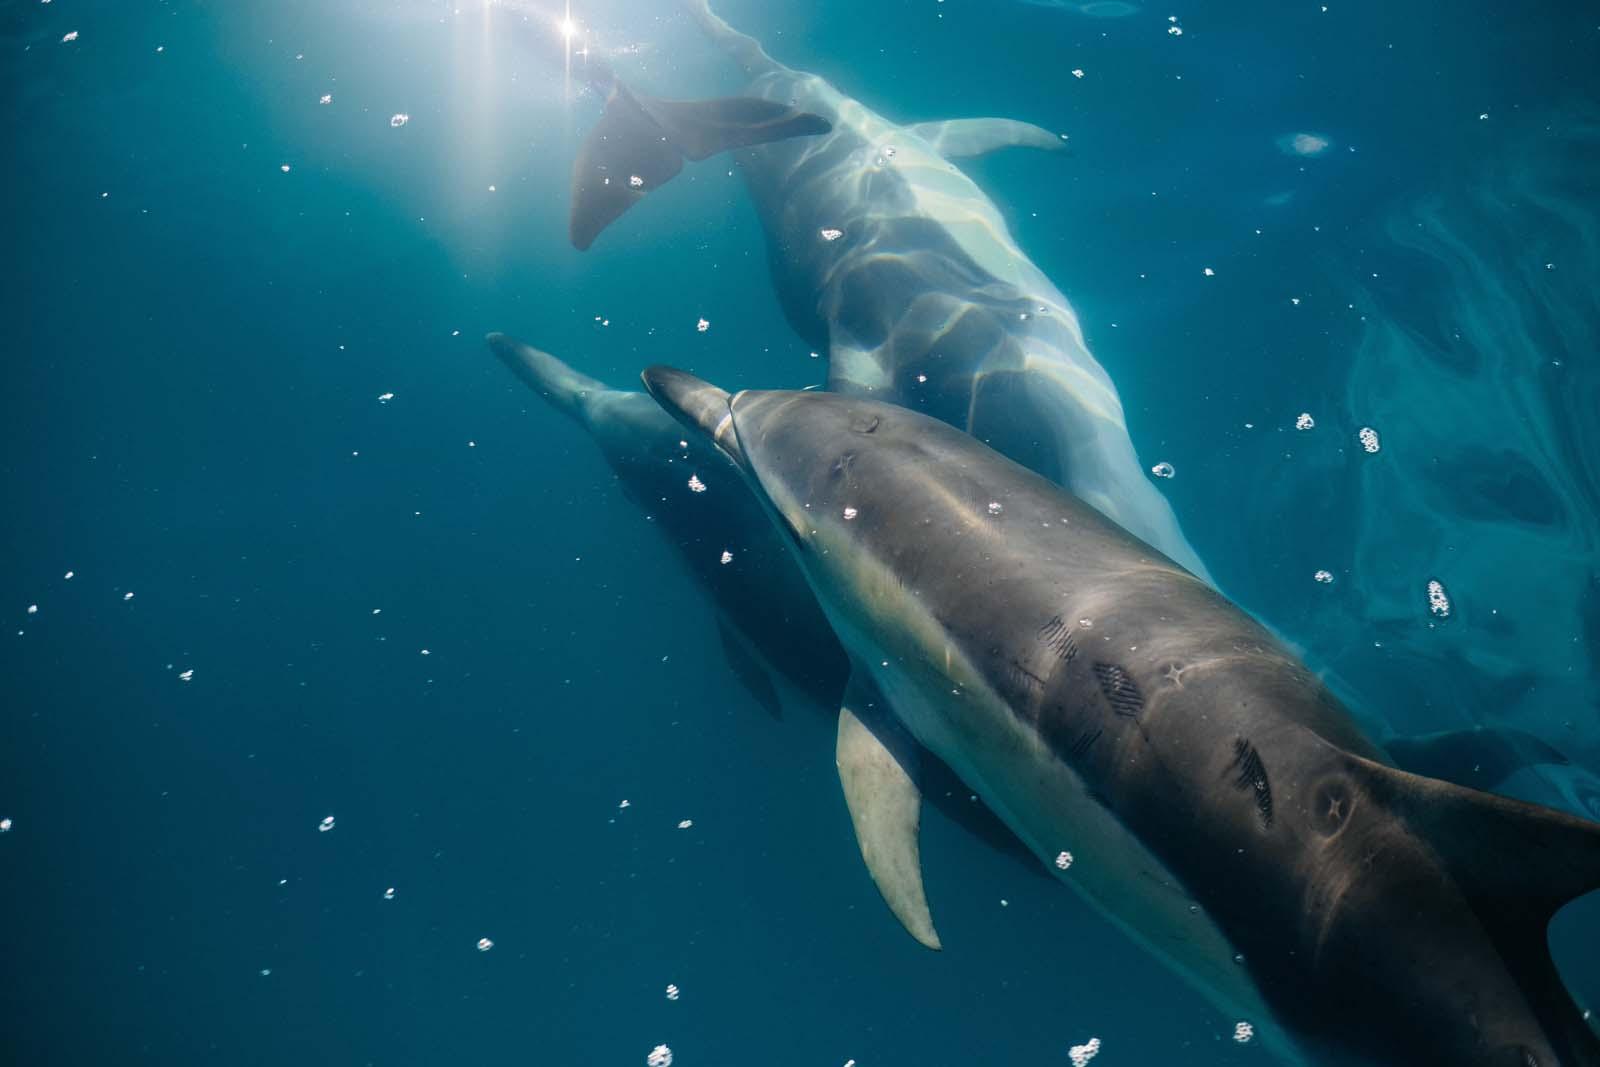 dolphin encounter kaikoura, kaikoura dolphin swim, green dolphin kaikoura, dolphin swim kaikoura, kaikoura dolphin, dolphin swimming kaikoura, whale watch kaikoura